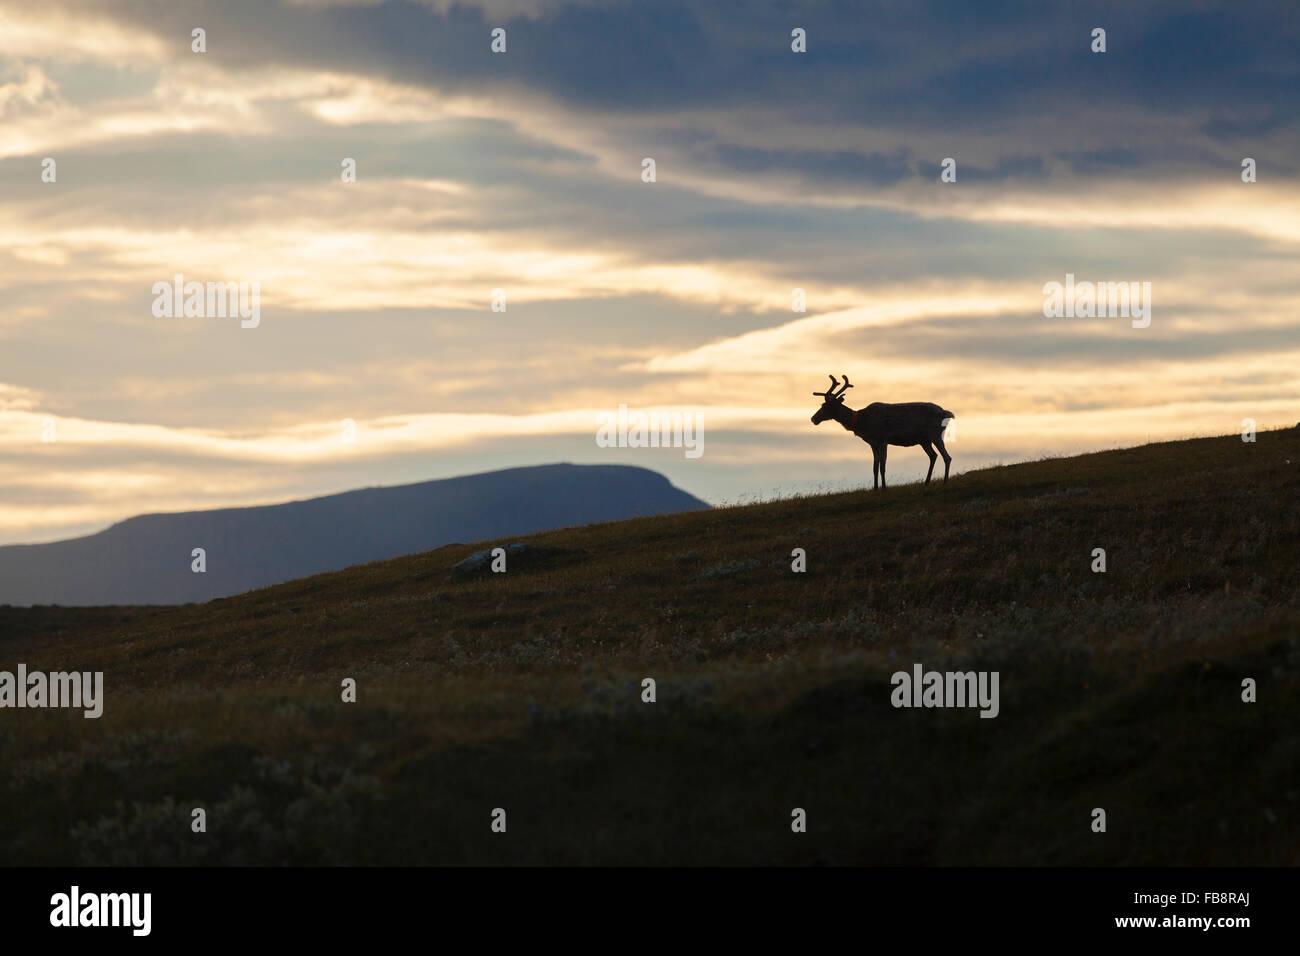 Sweden, Harjedalen, Helagsfjallet, Reindeer at dusk - Stock Image